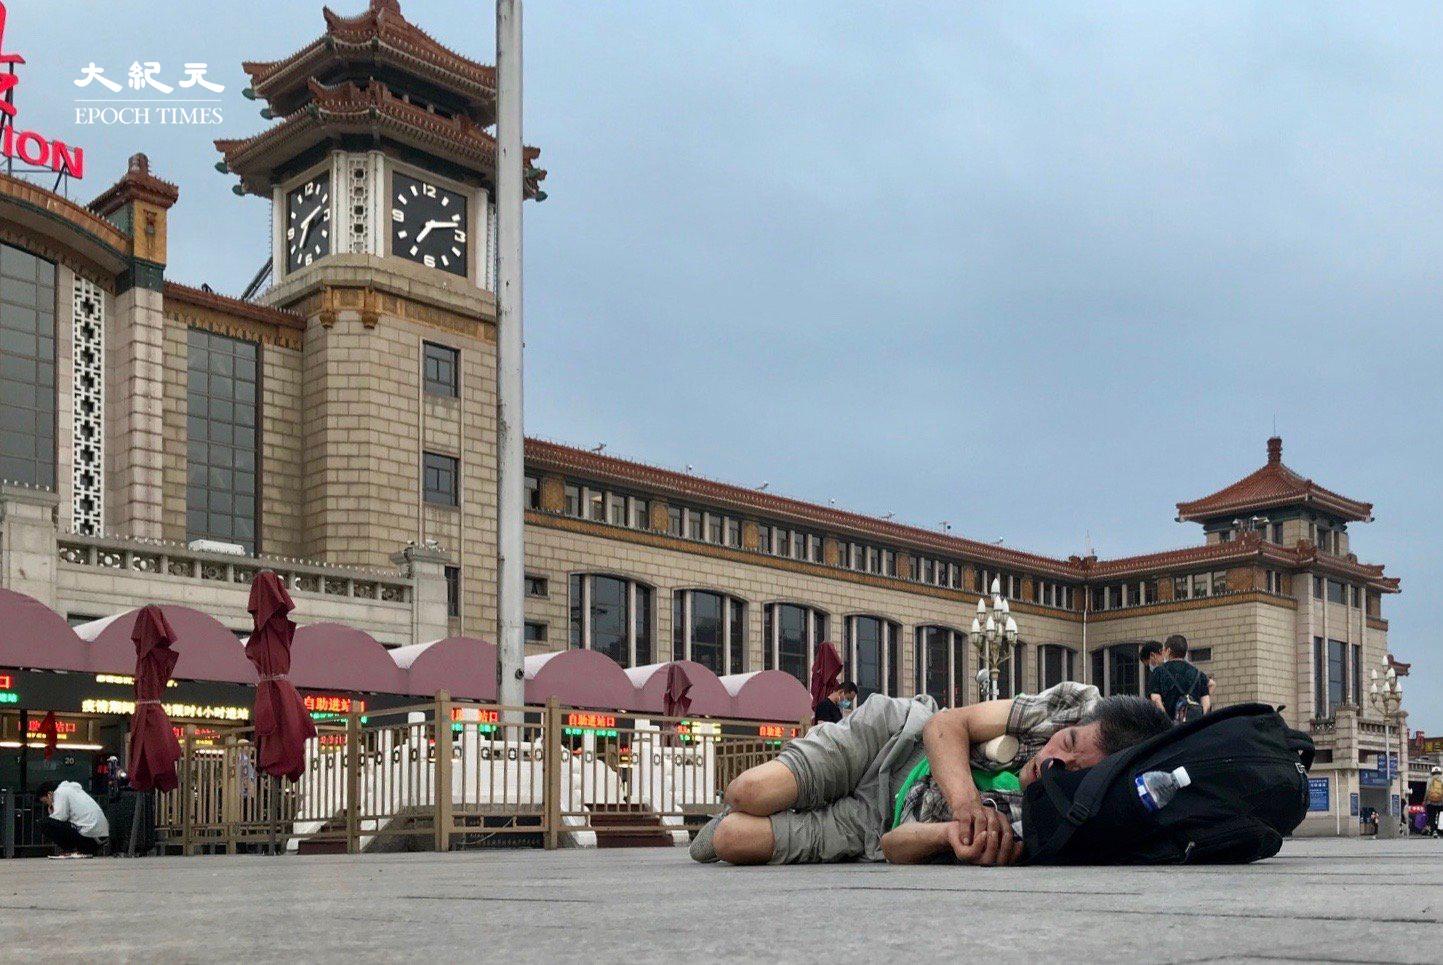 組圖:北京城端午節 農民工無處去 睡街上